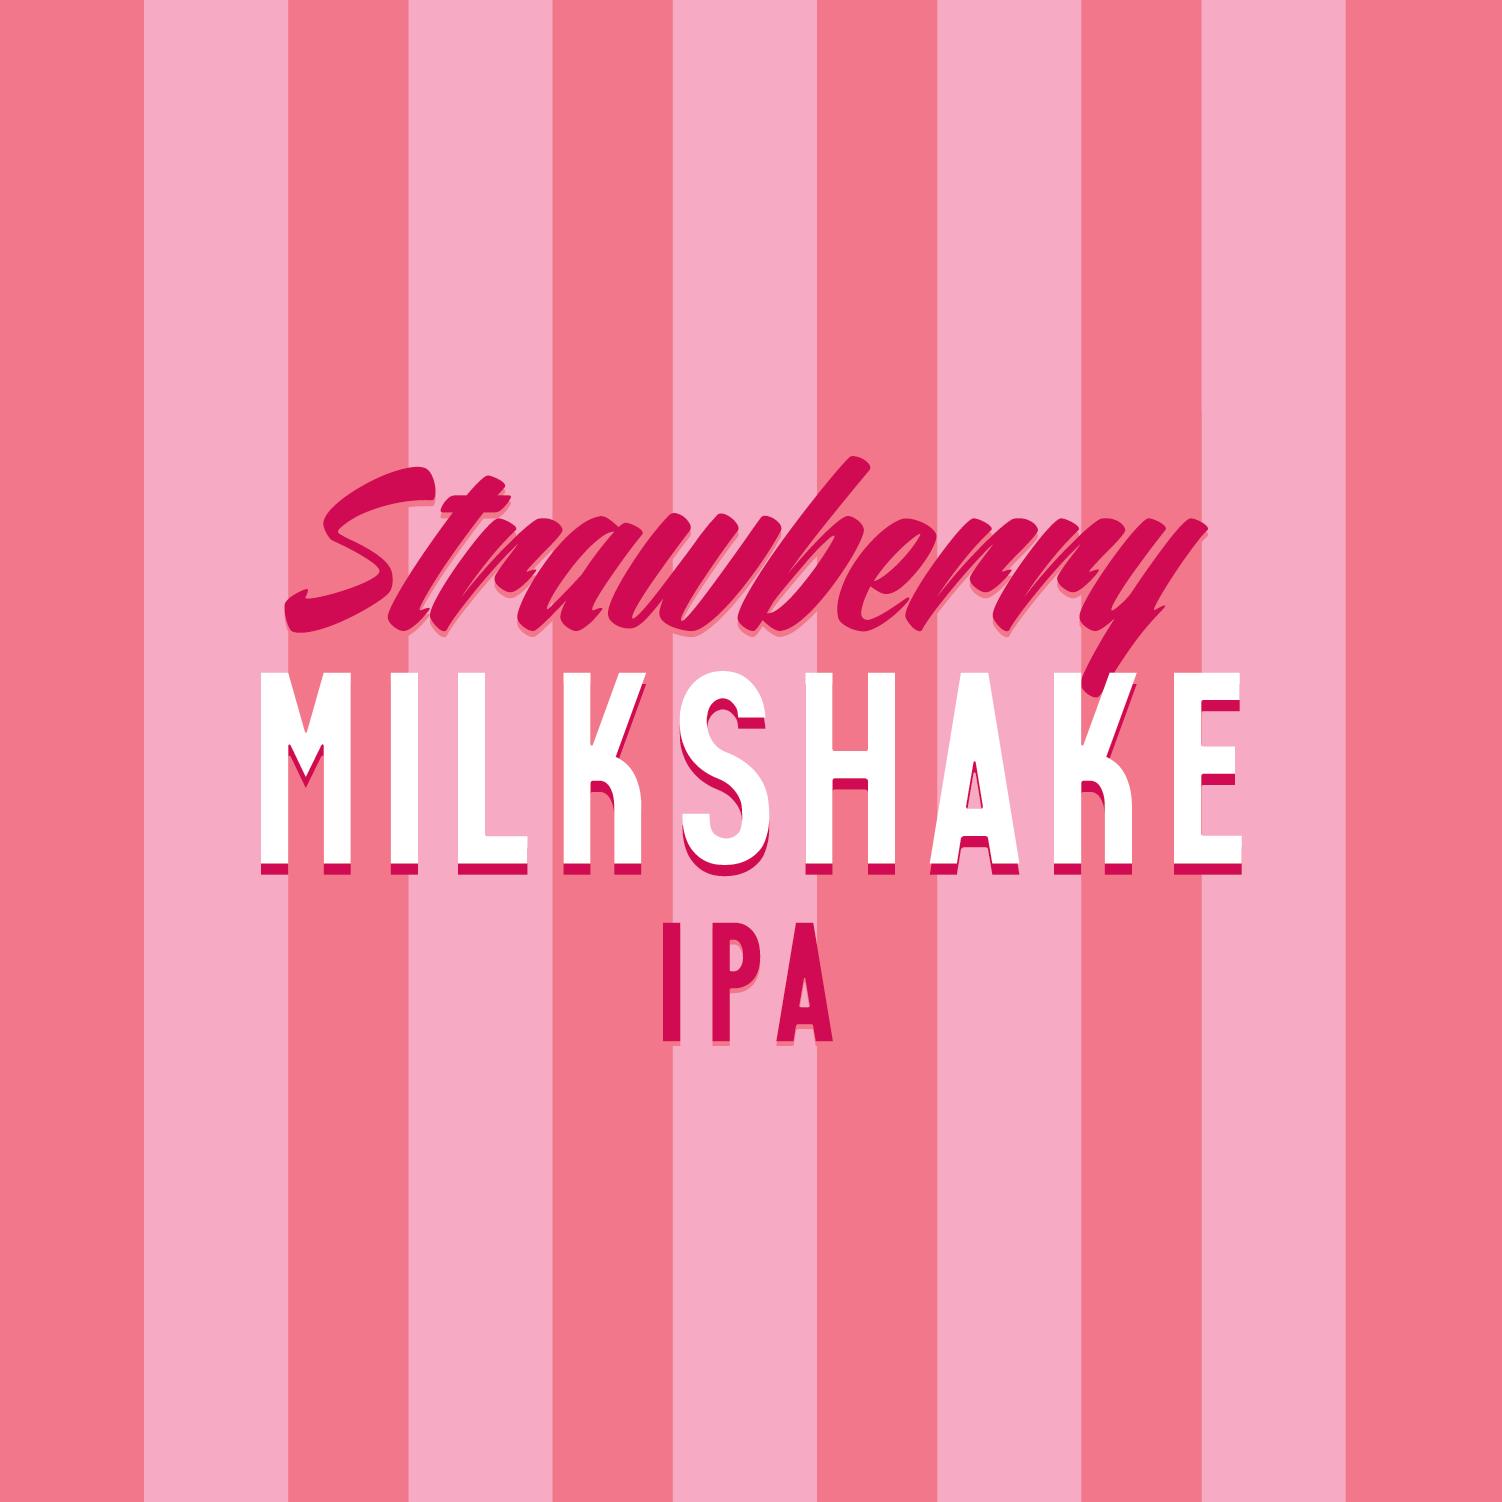 Strawberry_Milkshake1-01